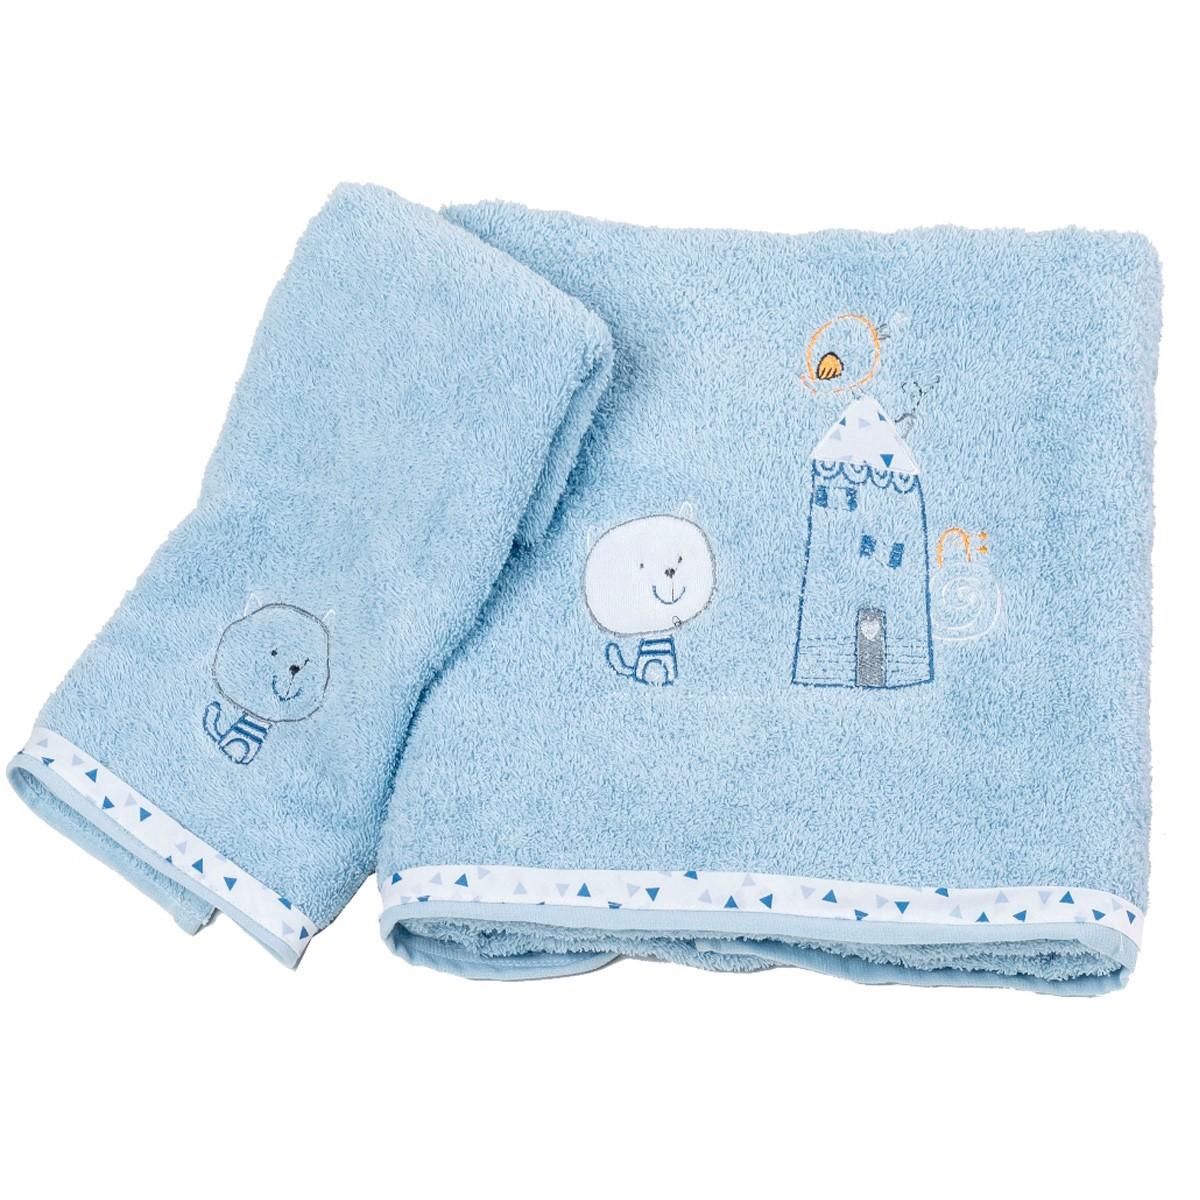 Βρεφικές Πετσέτες (Σετ 2τμχ) Κόσμος Του Μωρού Home 0590 Σιέλ